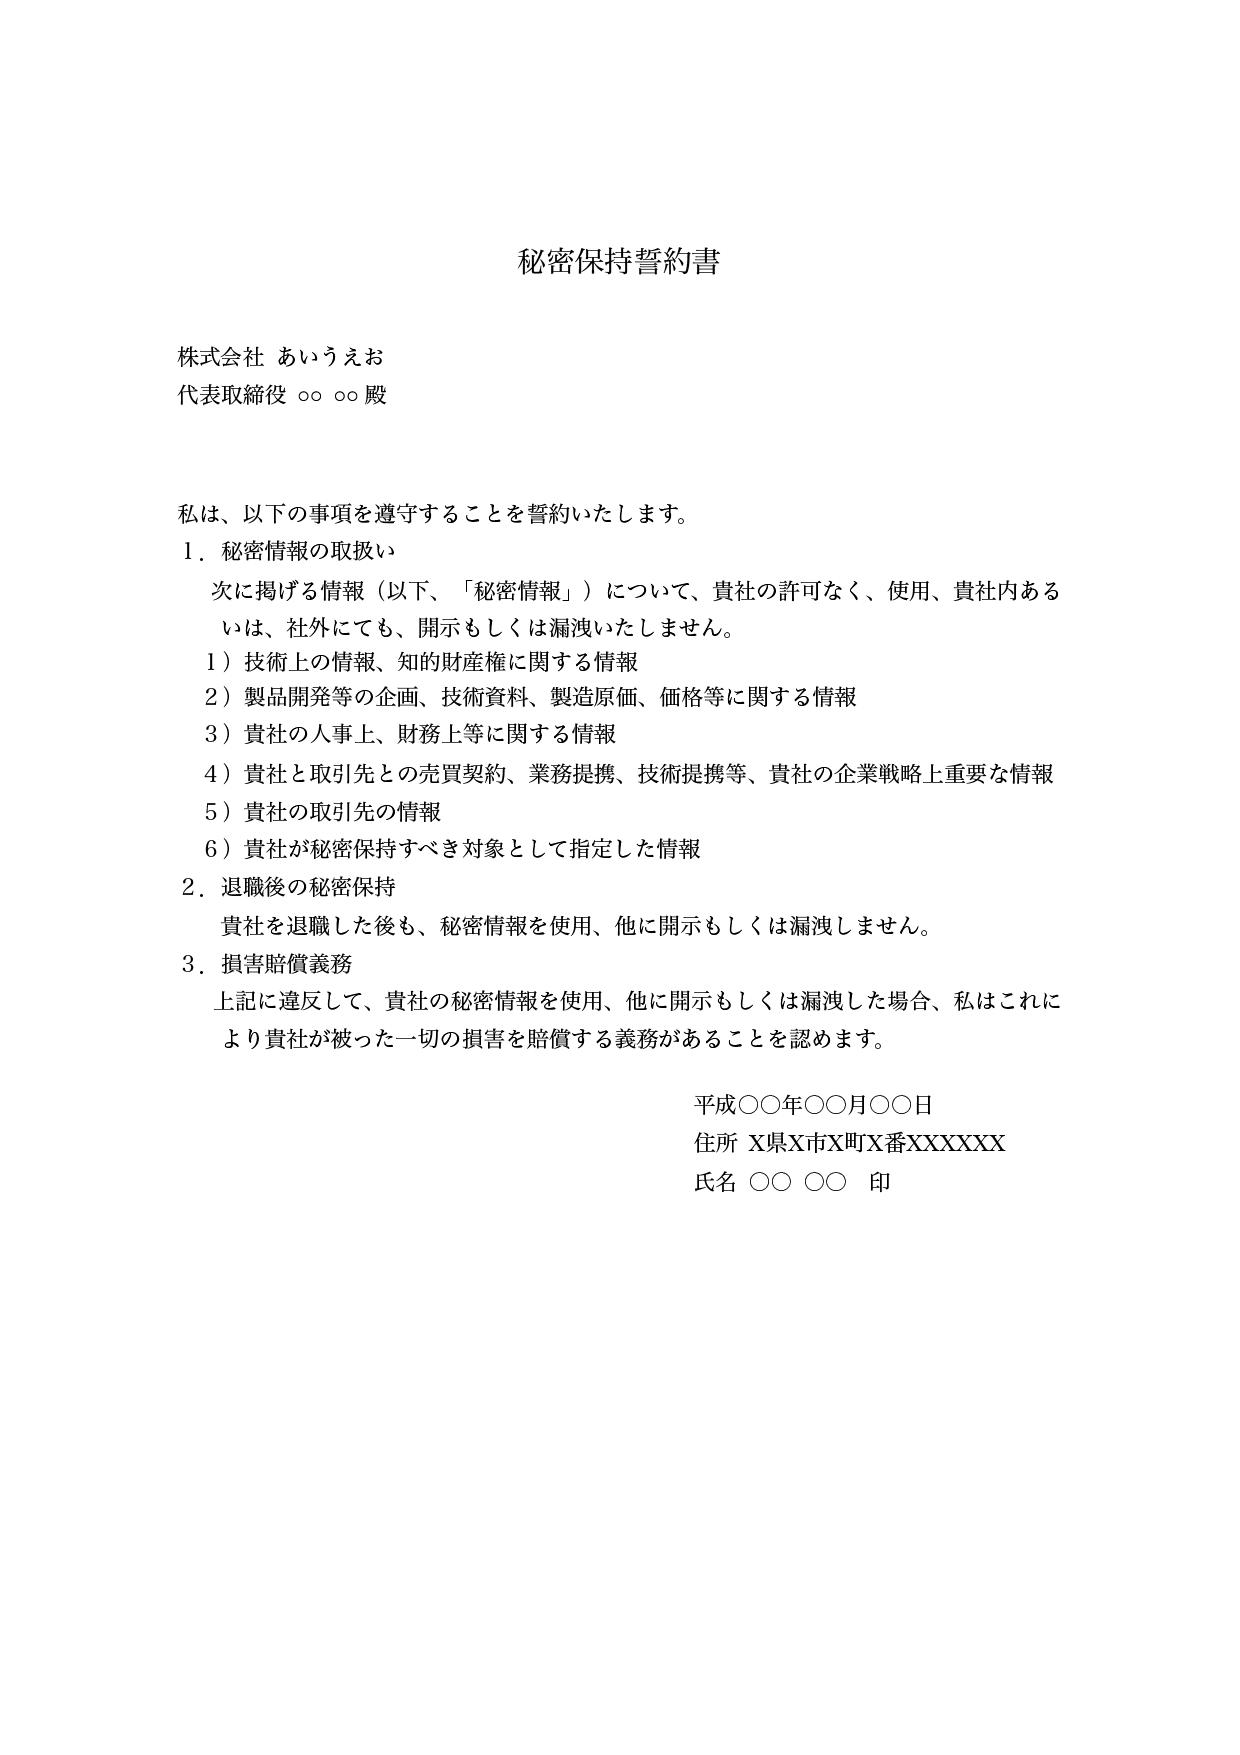 秘密保持誓約書『NDA』 テンプレート(ワード・ページズ)